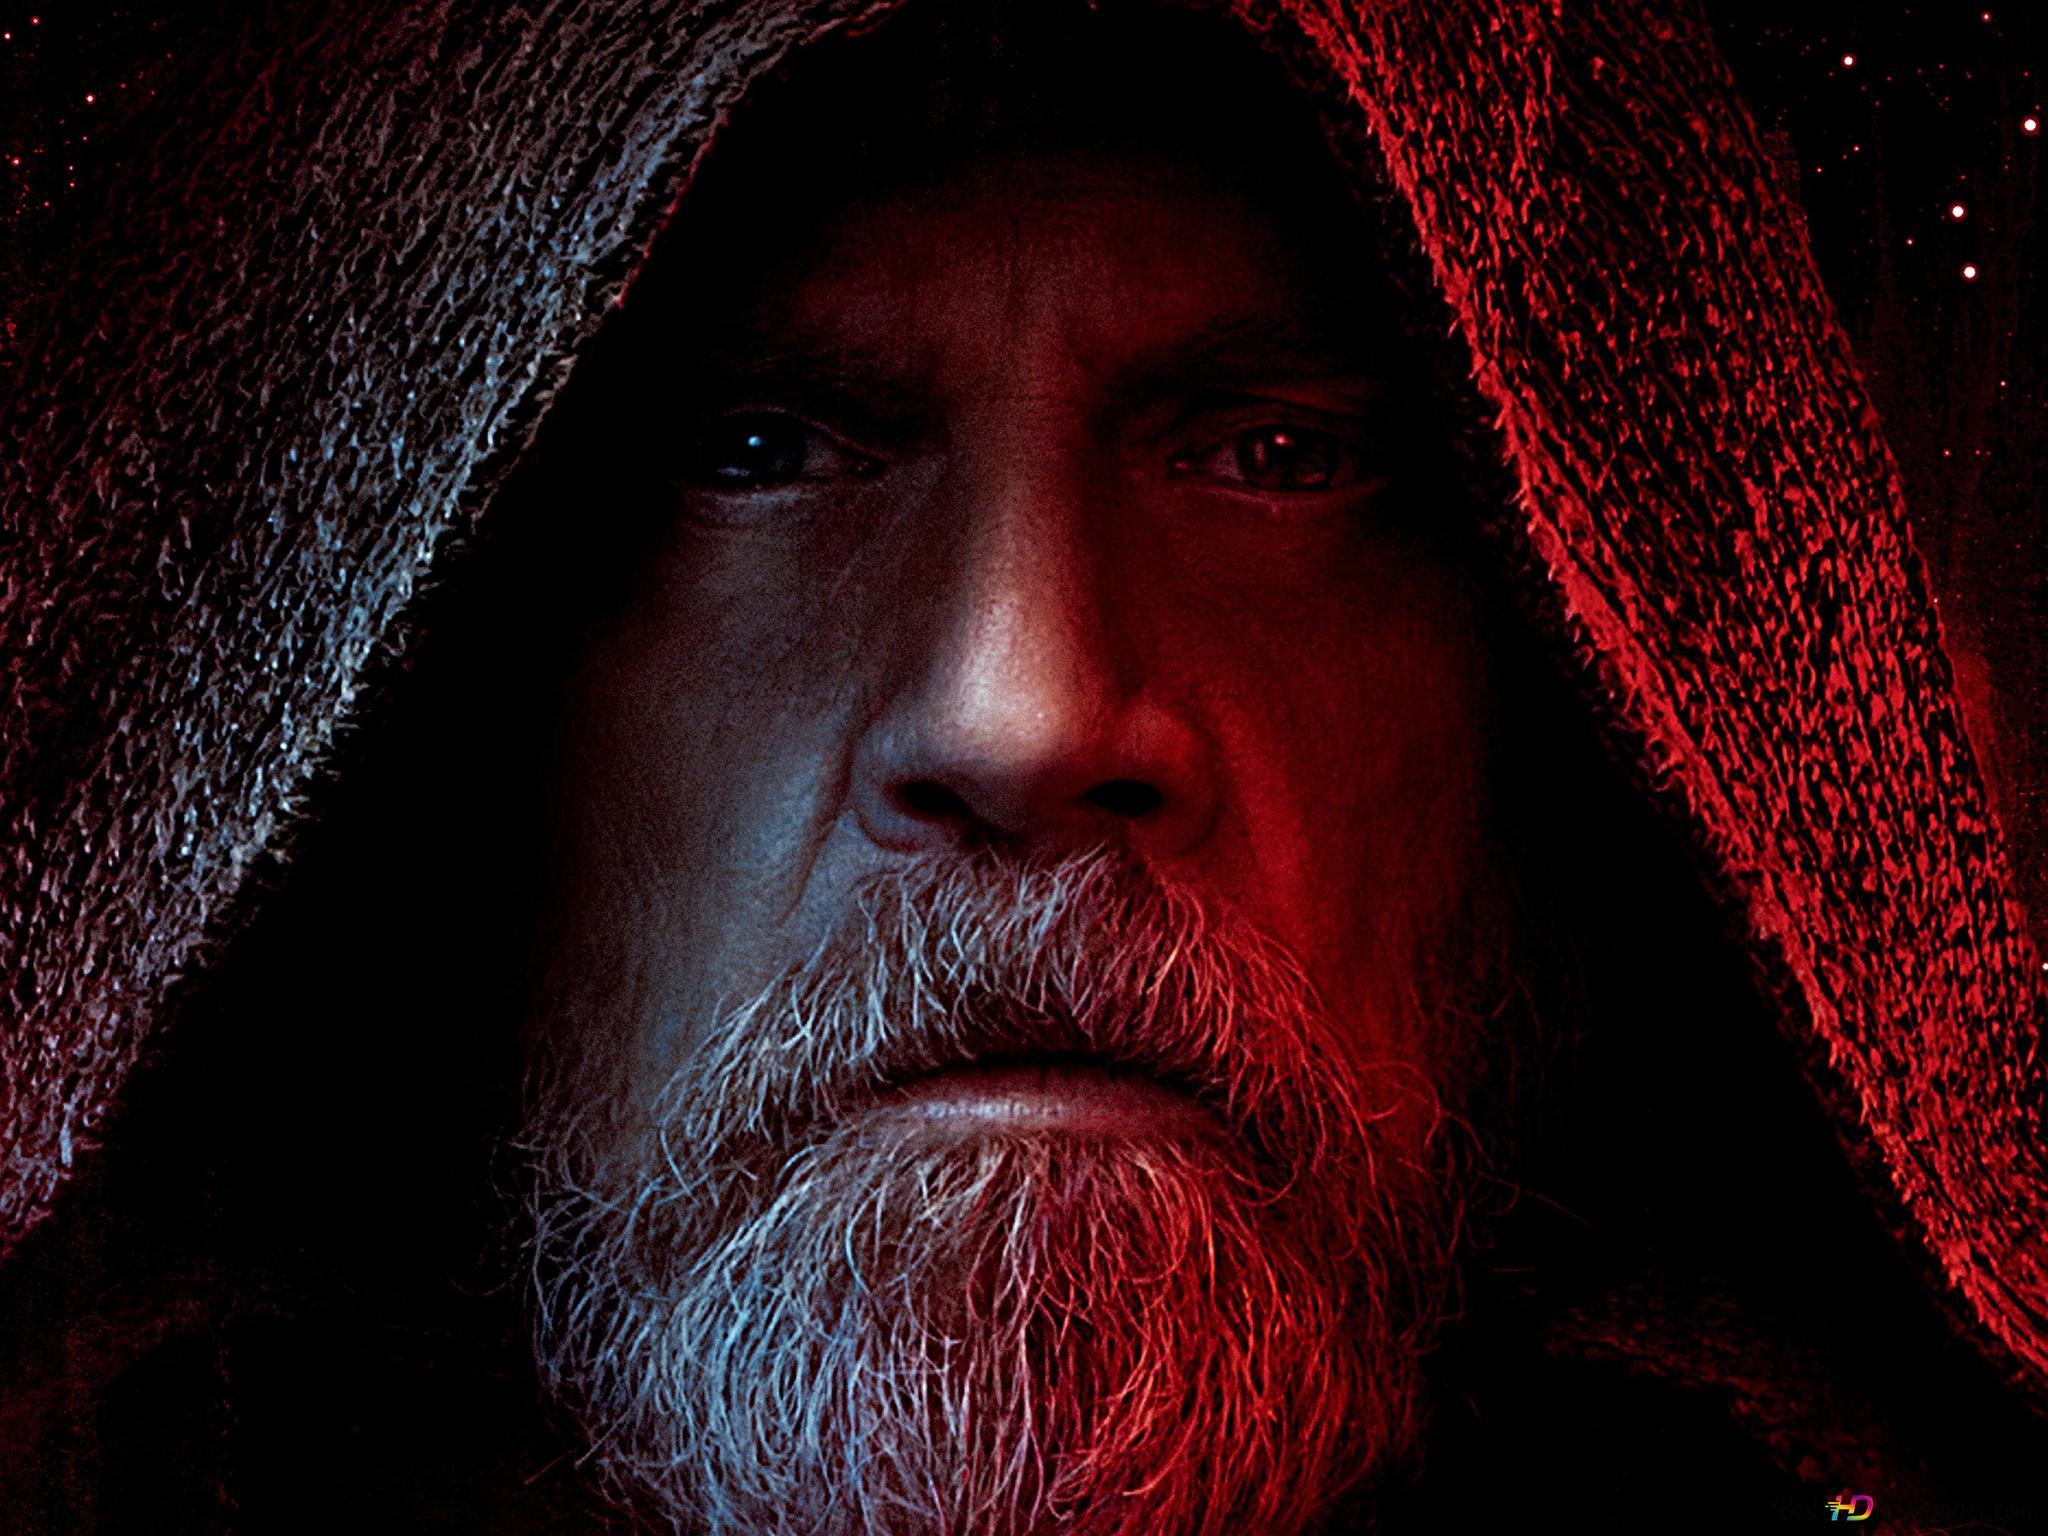 Star Wars The Last Jedi Hd Wallpaper Download